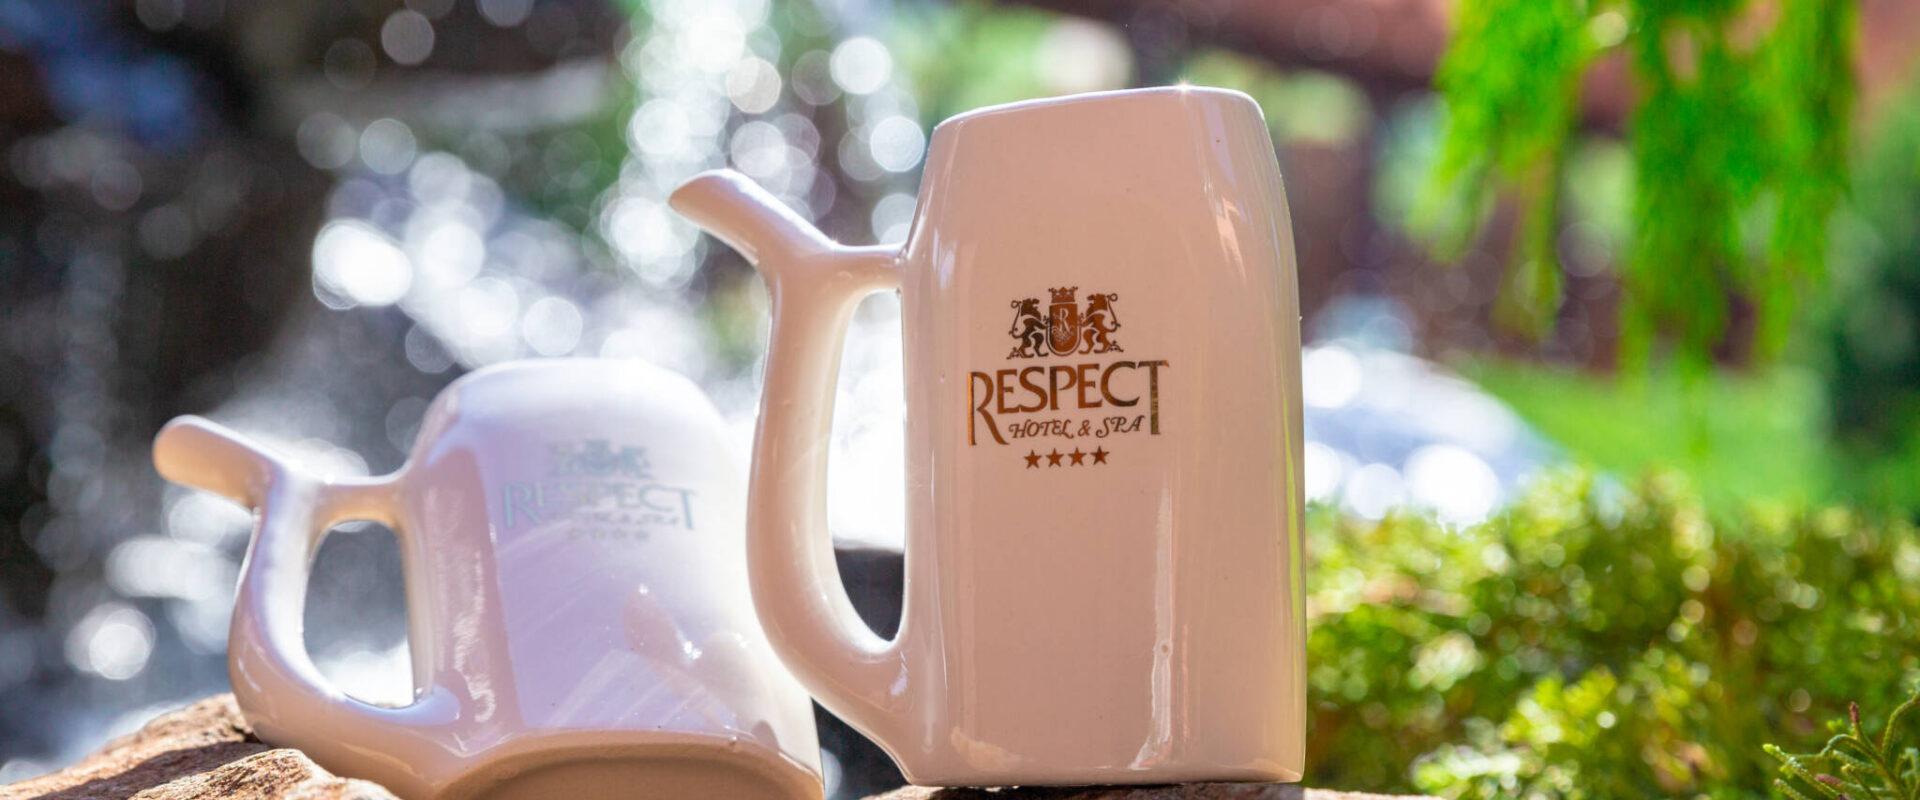 Главная спа-отель Respect